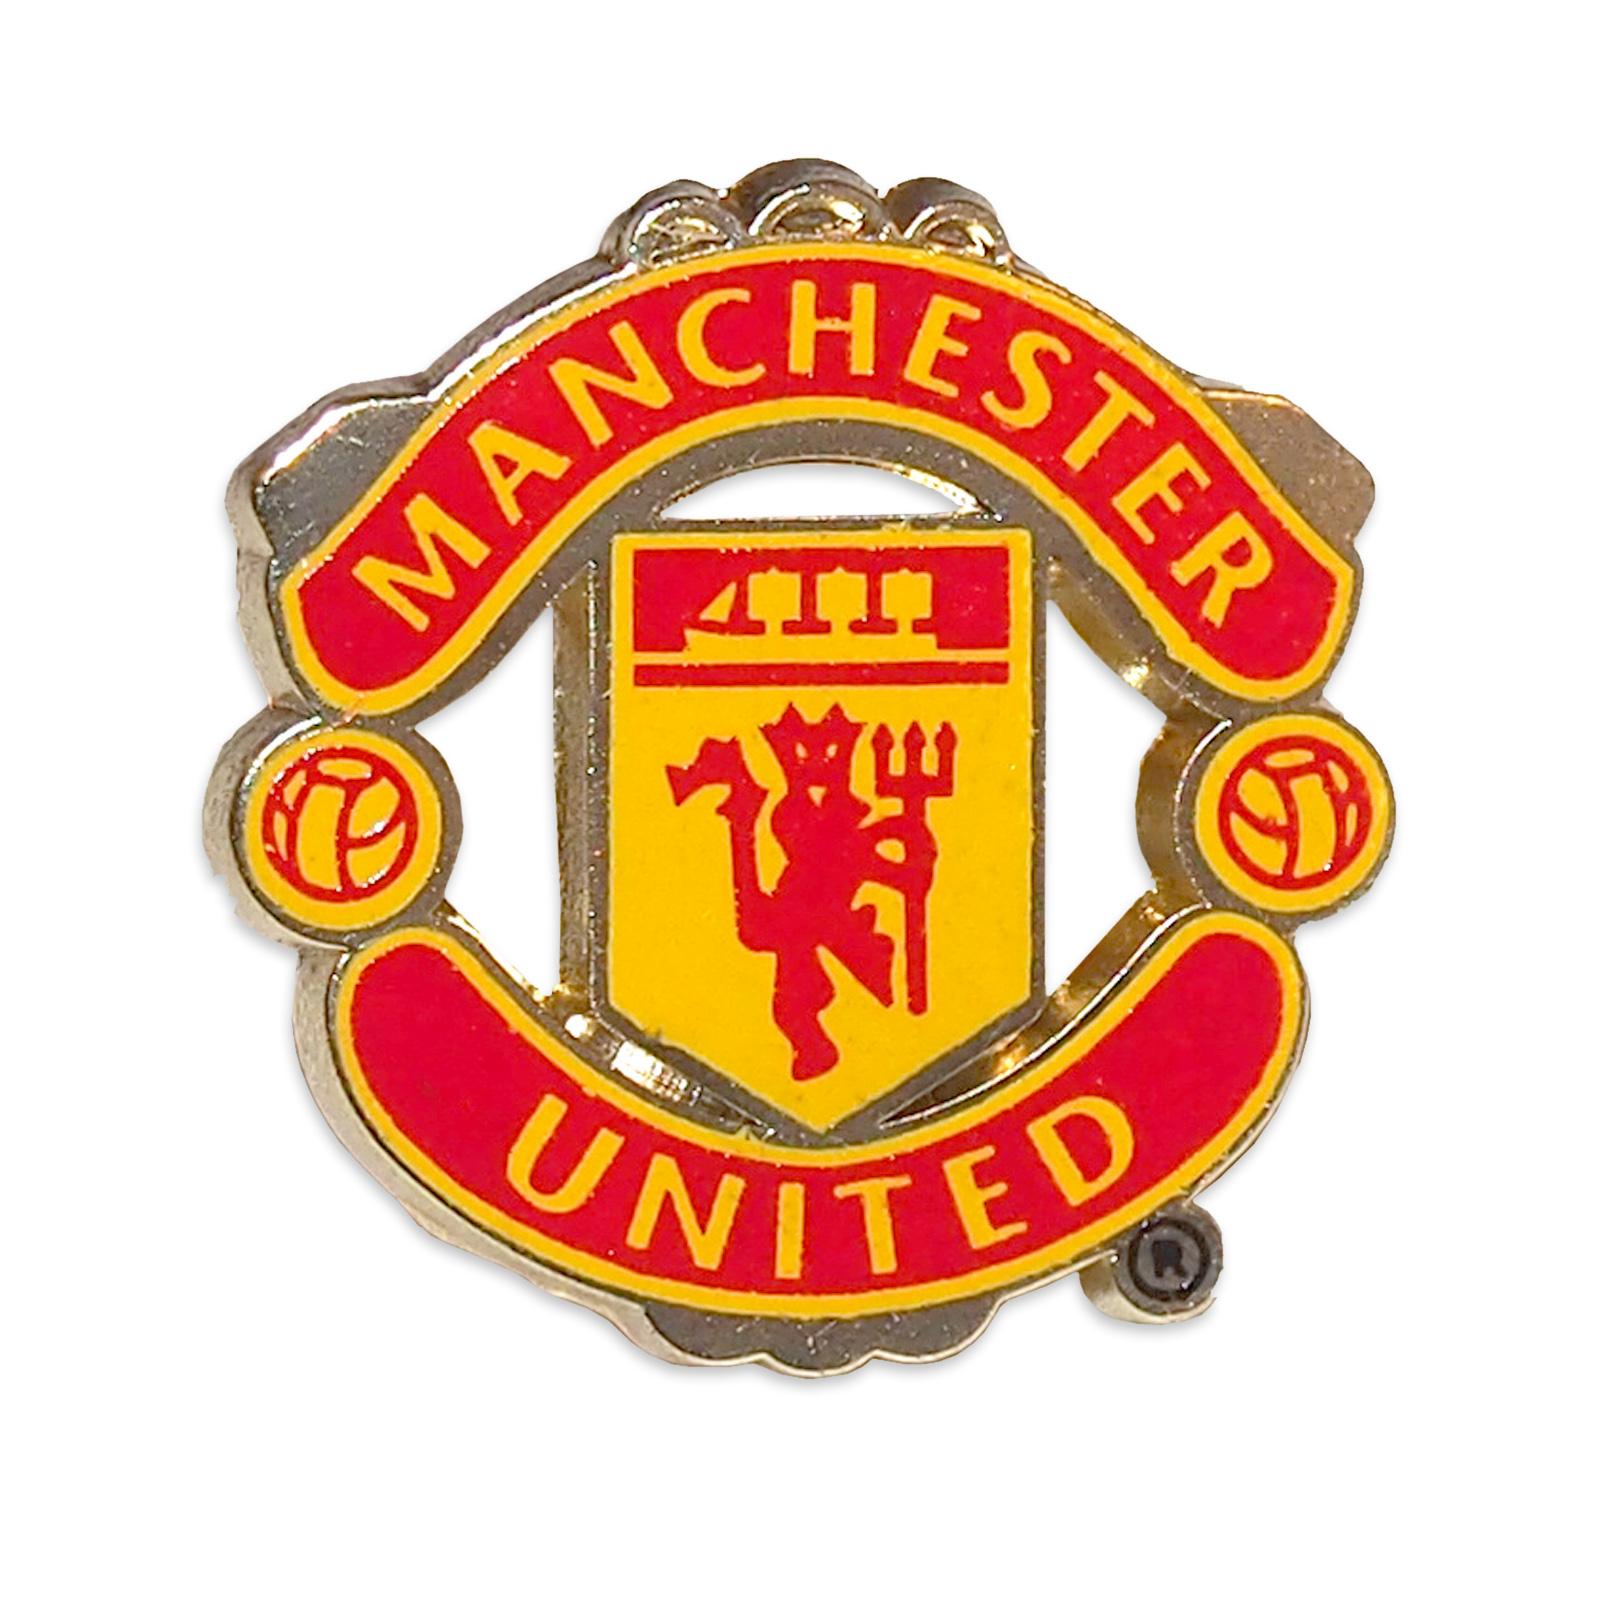 Detalles De Manchester United Fc Pin Oficial Con El Escudo Del Club Esmaltado